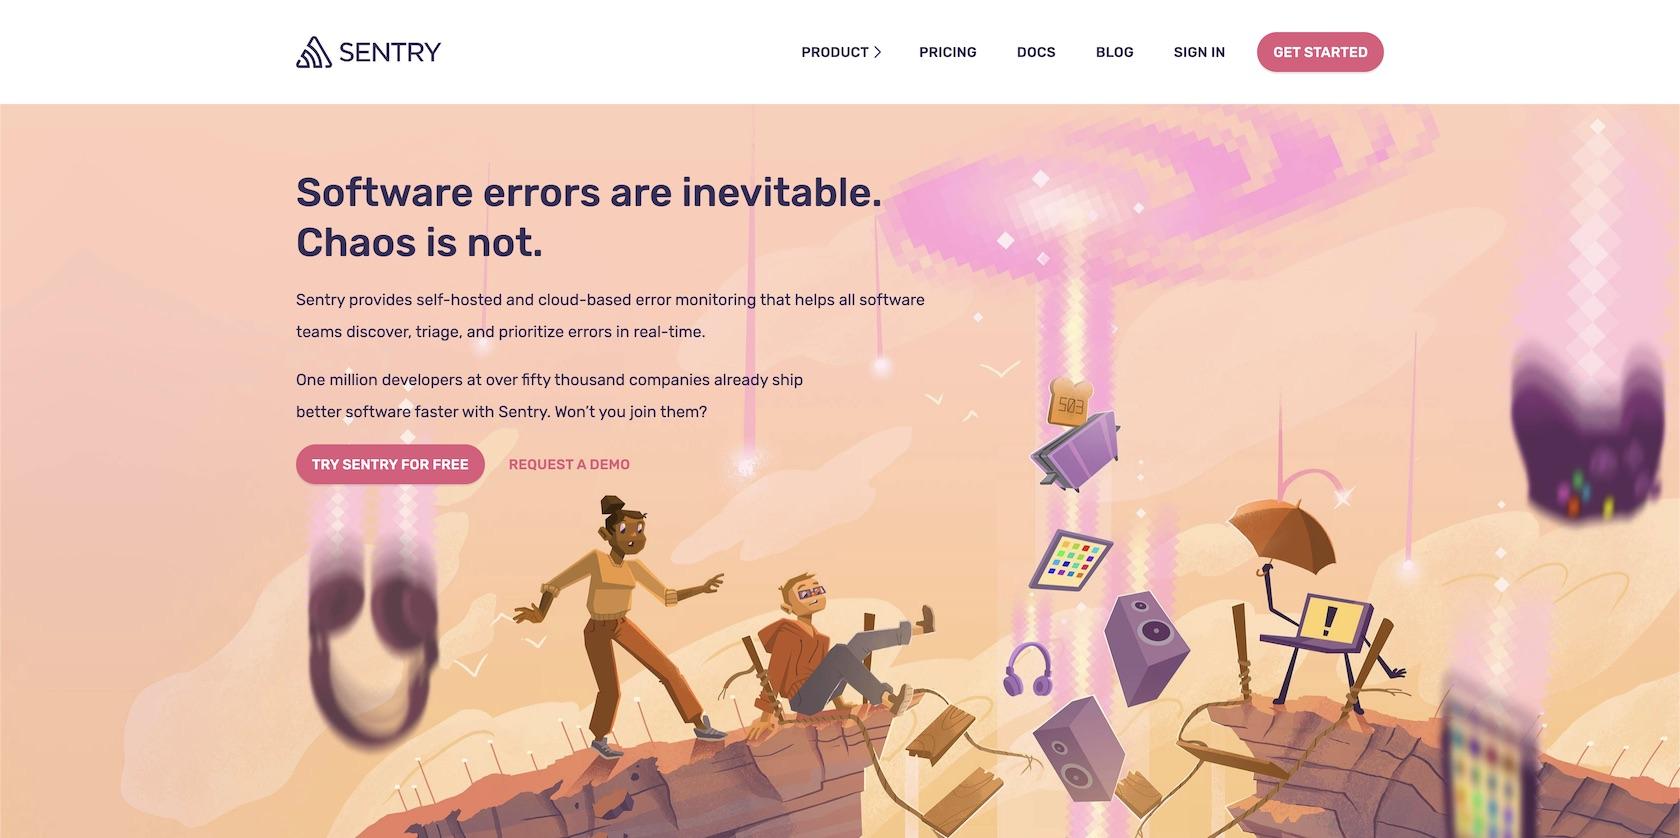 Домашняя страница Sentry.io, на которой вы можете создать бесплатную учетную запись.